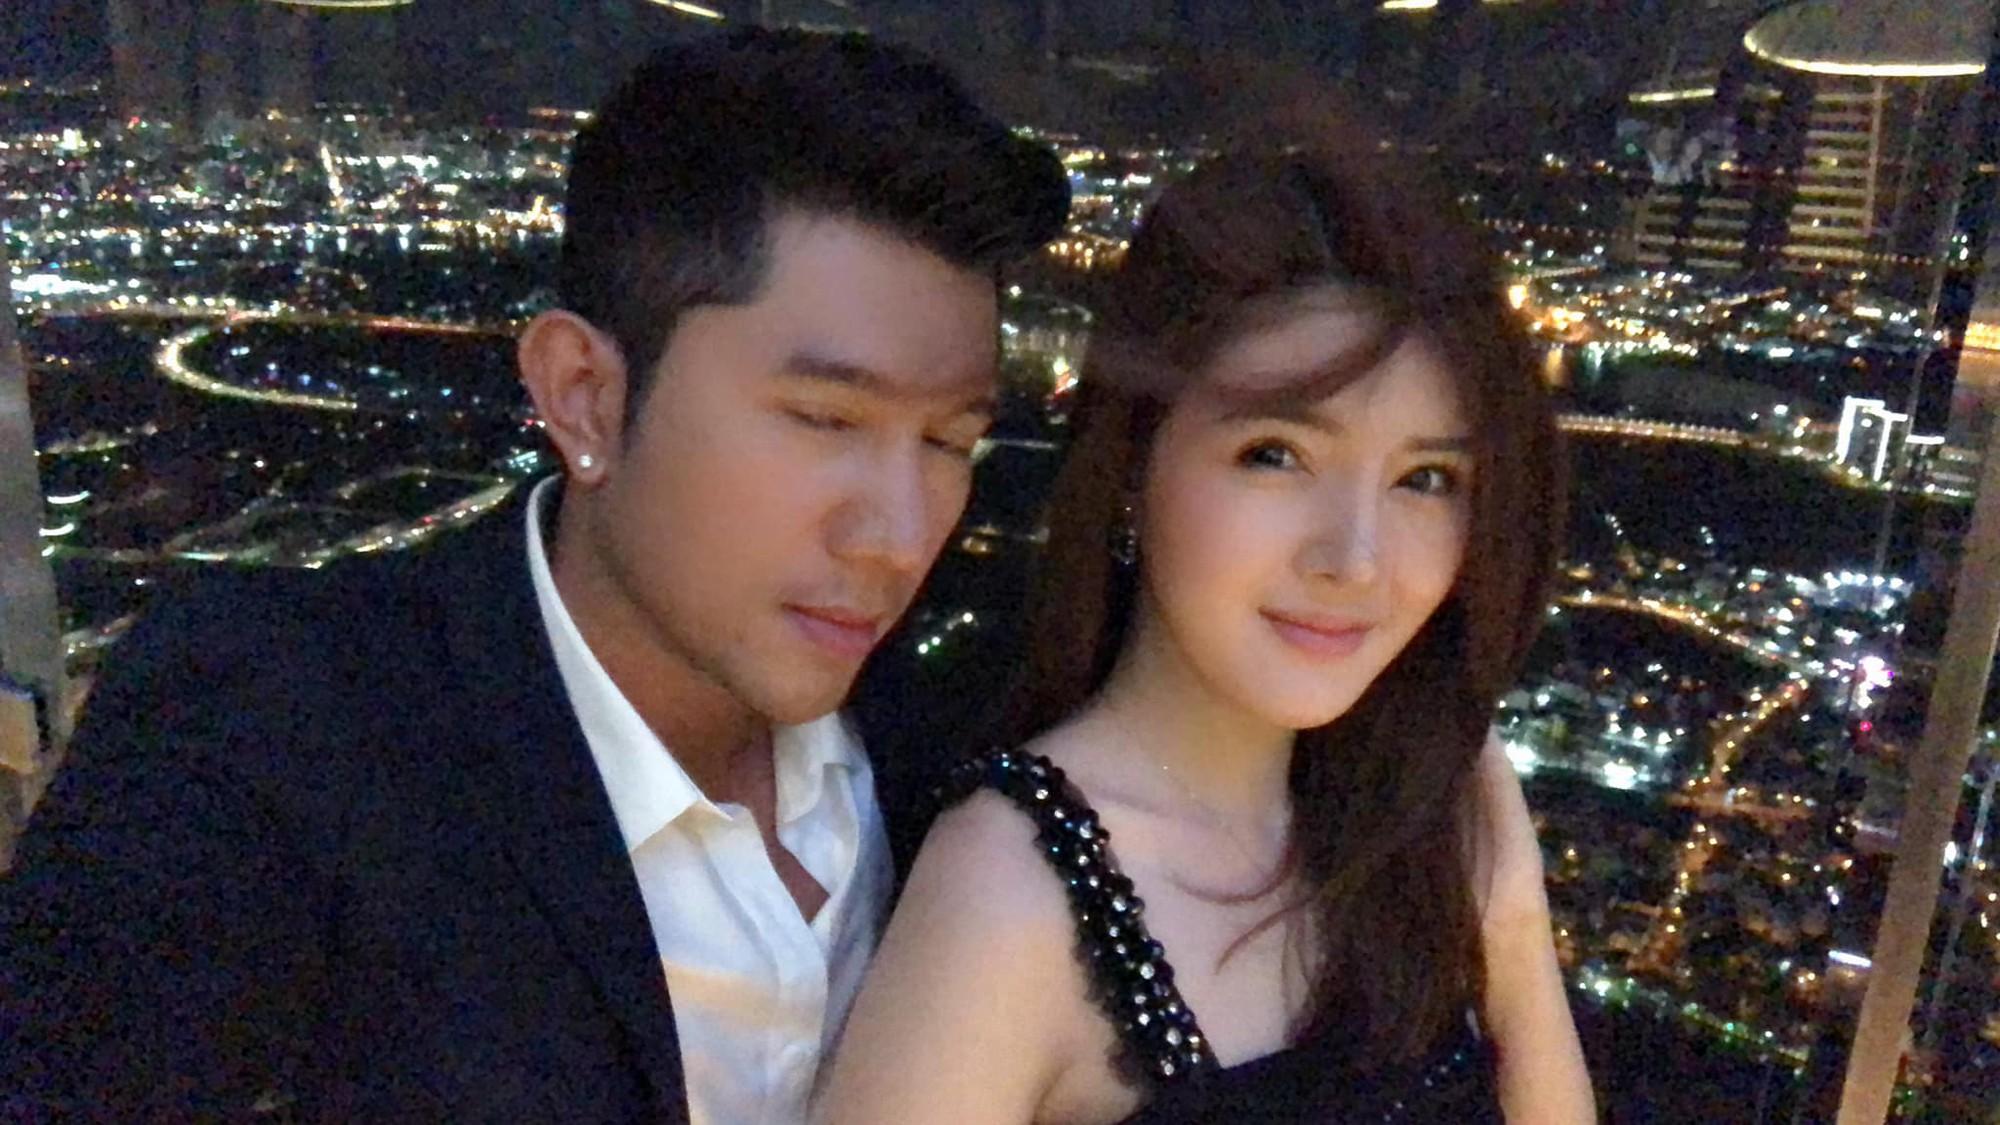 Lilly Luta đáp trả drama tiểu tam cướp bồ Ngân 98: Lương Bằng Quang đề nghị chụp chung, quan hệ giữa 2 người không thân thiết - Ảnh 2.